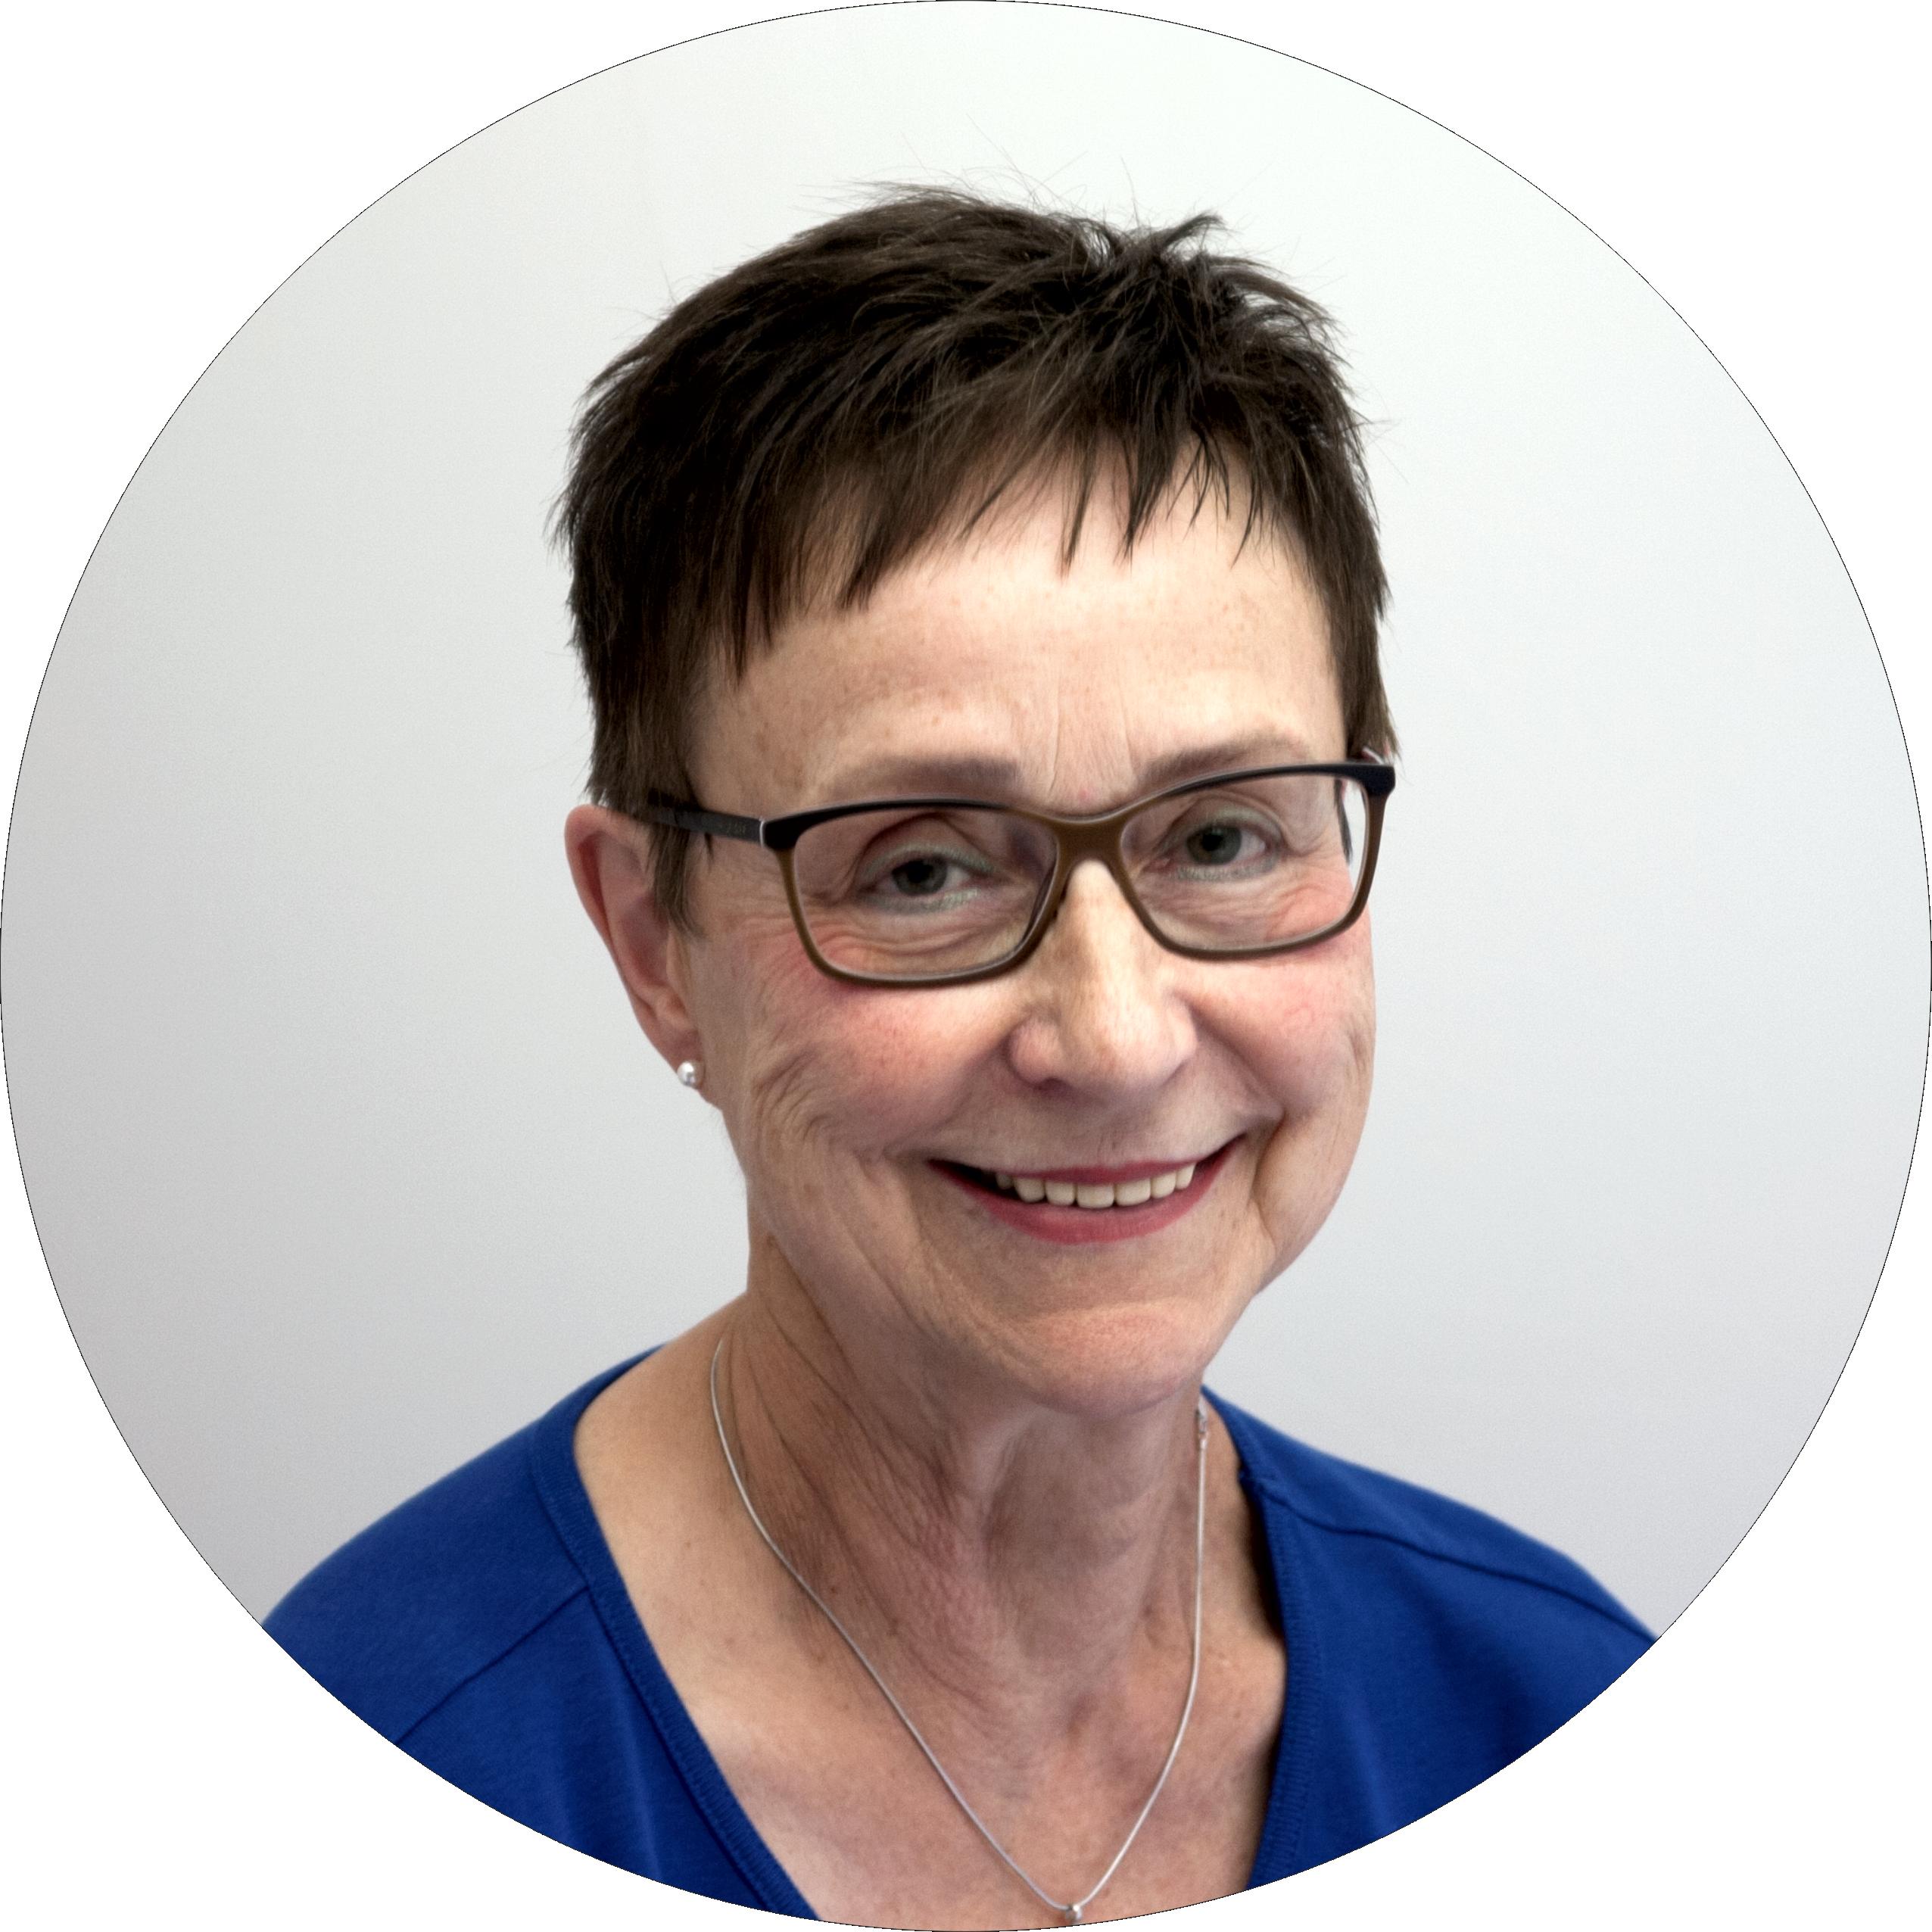 Christa Habicht - Qualitätskontrolle